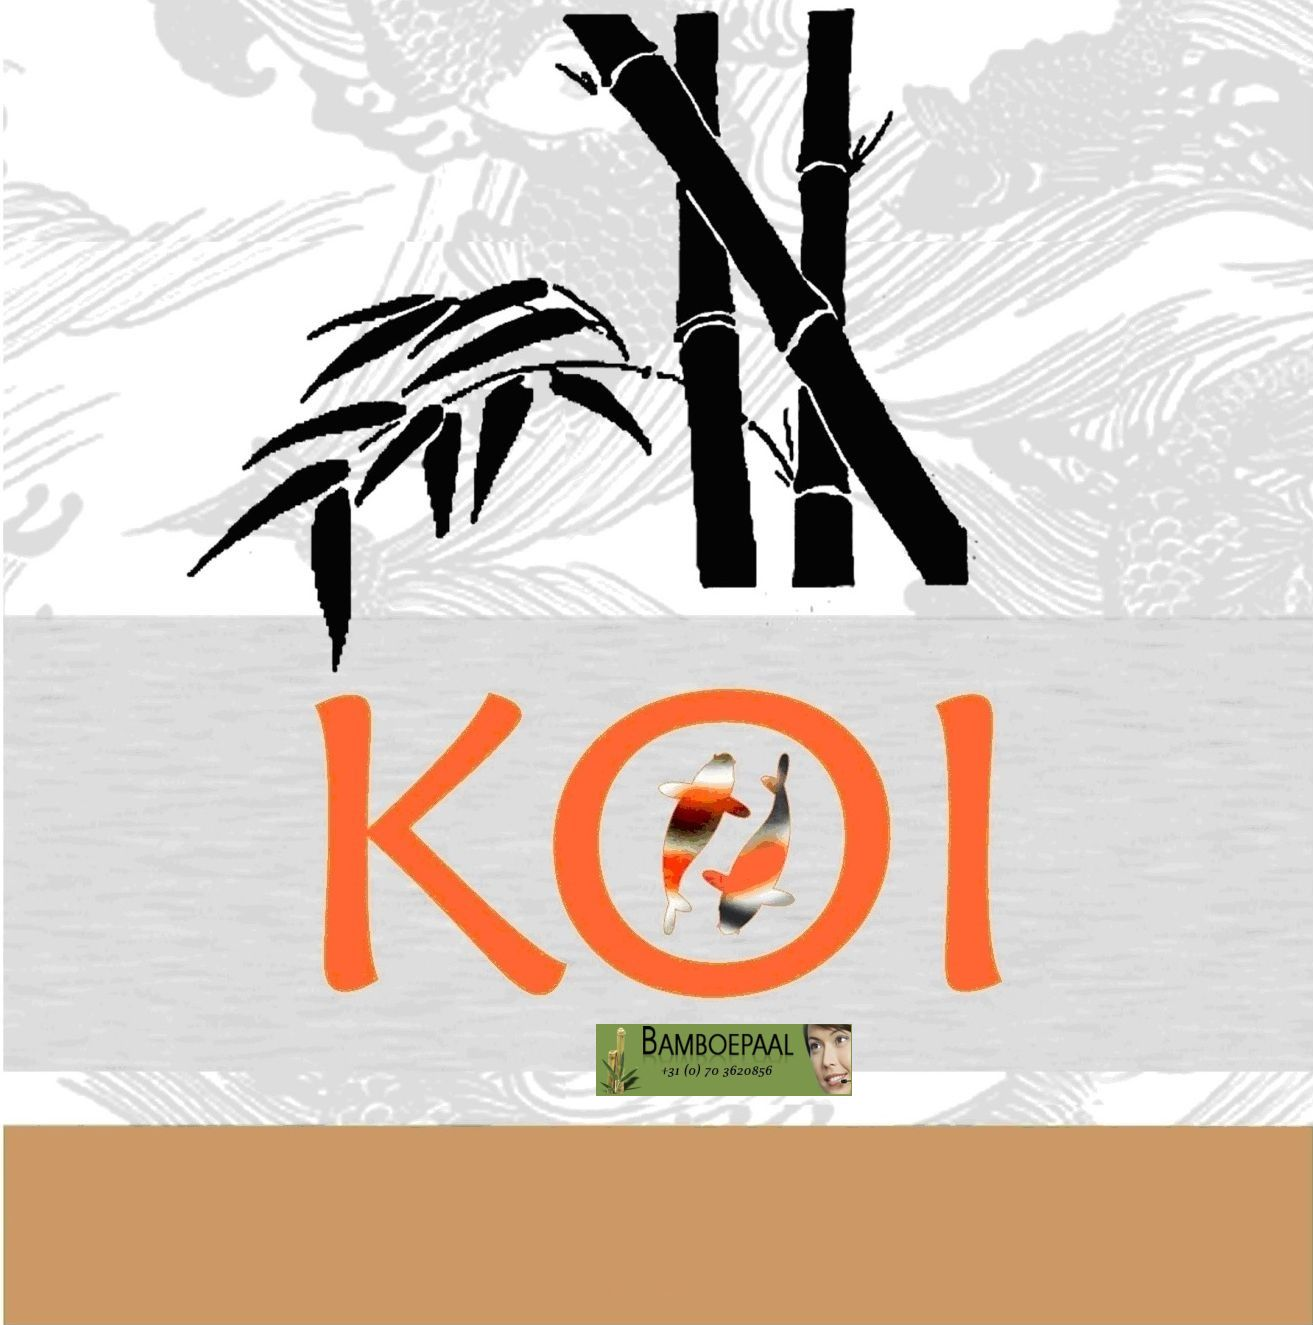 zeg je bamboe onderhoud,dan zeg je Koi bamboe onderhoud.